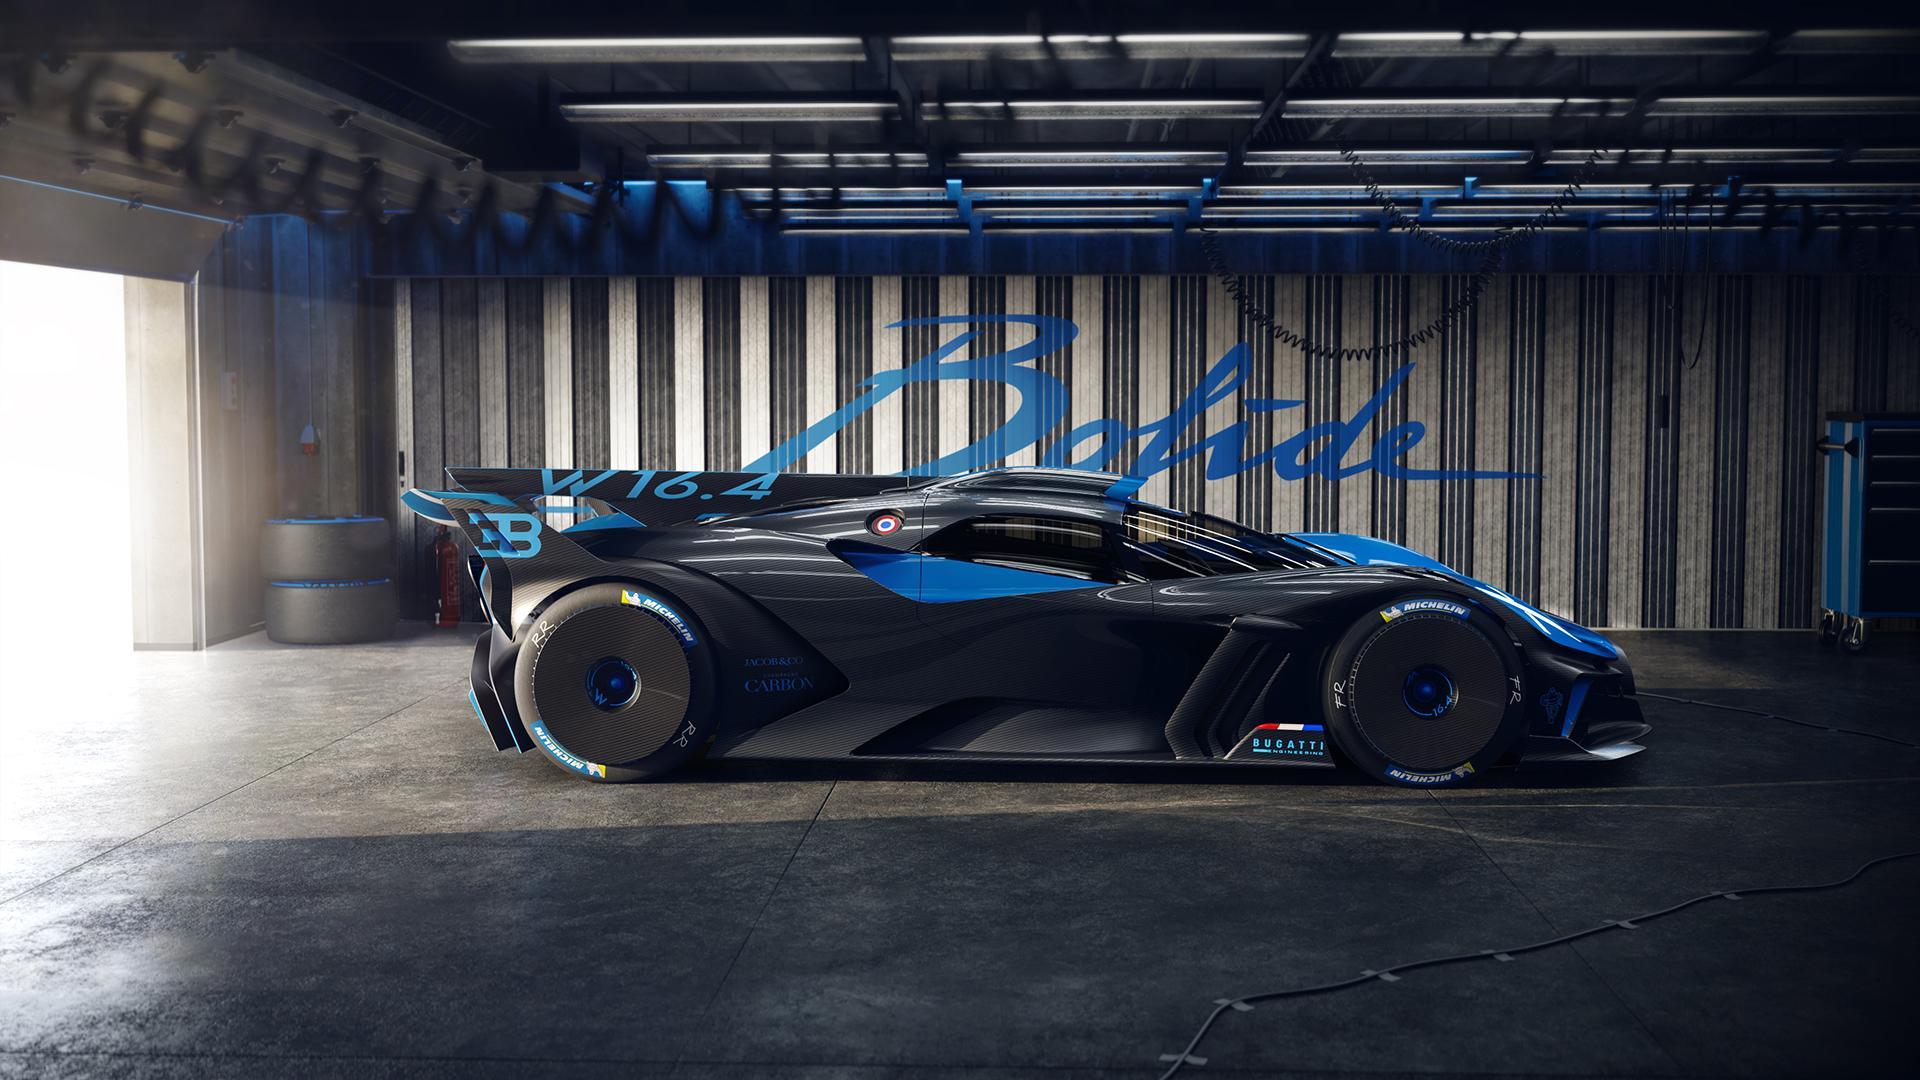 Bugatti bolide side profile